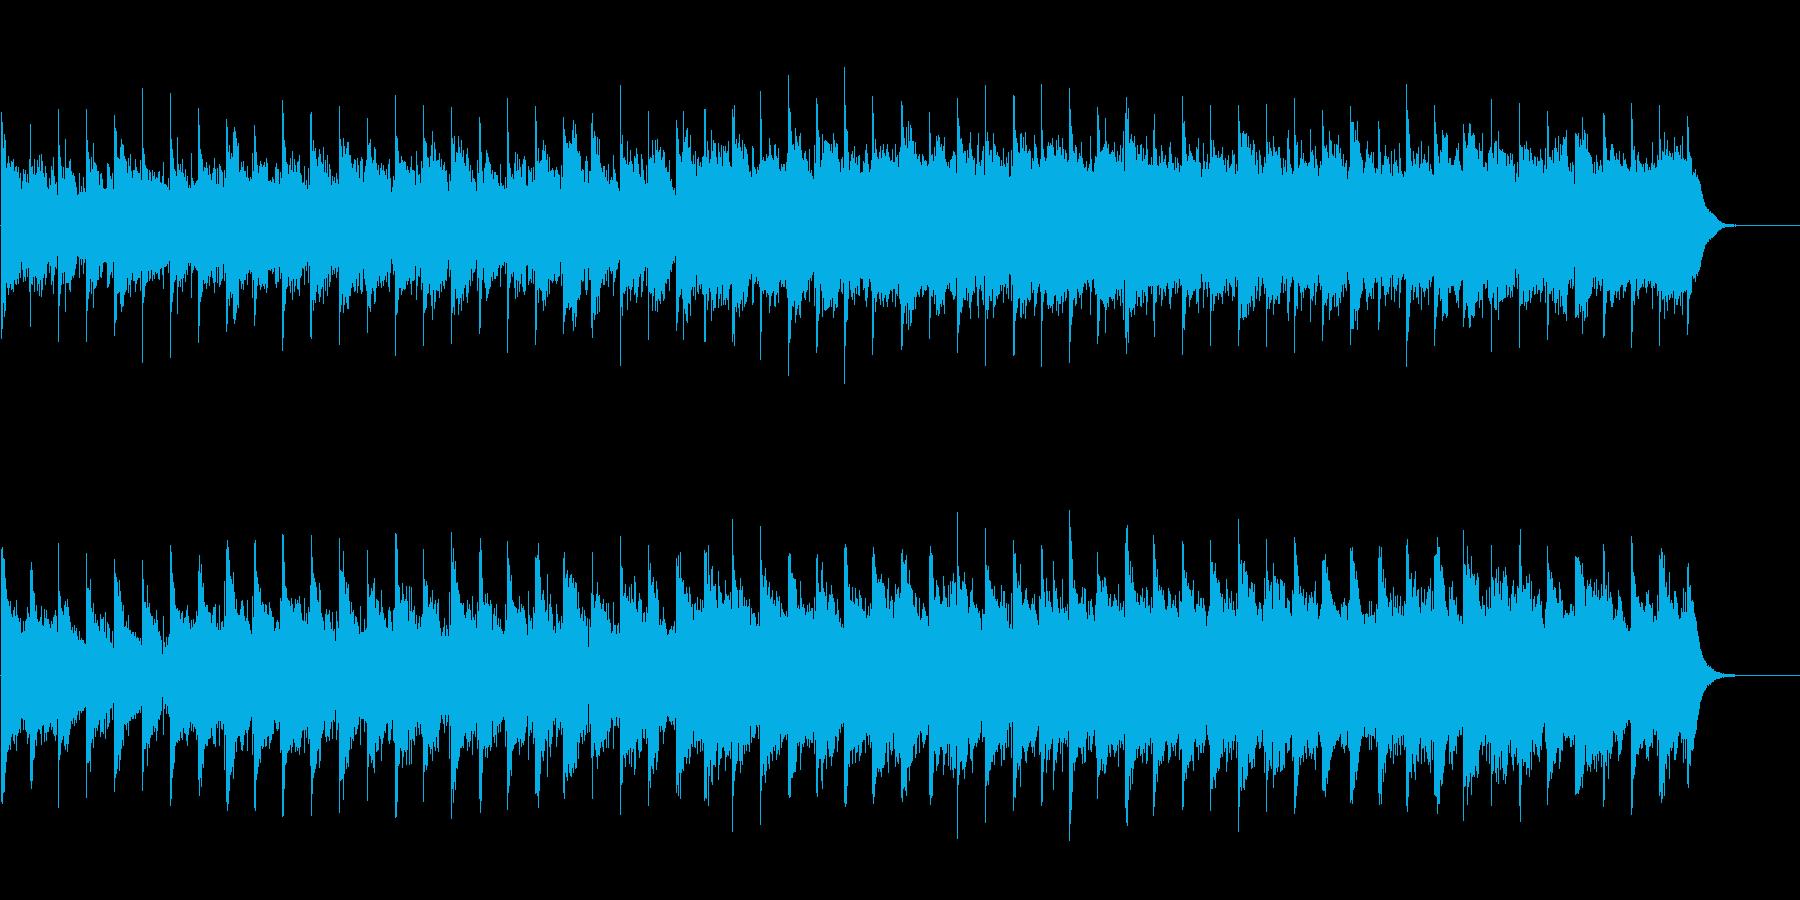 ギターと笛の民族調ファンタジーの曲の再生済みの波形